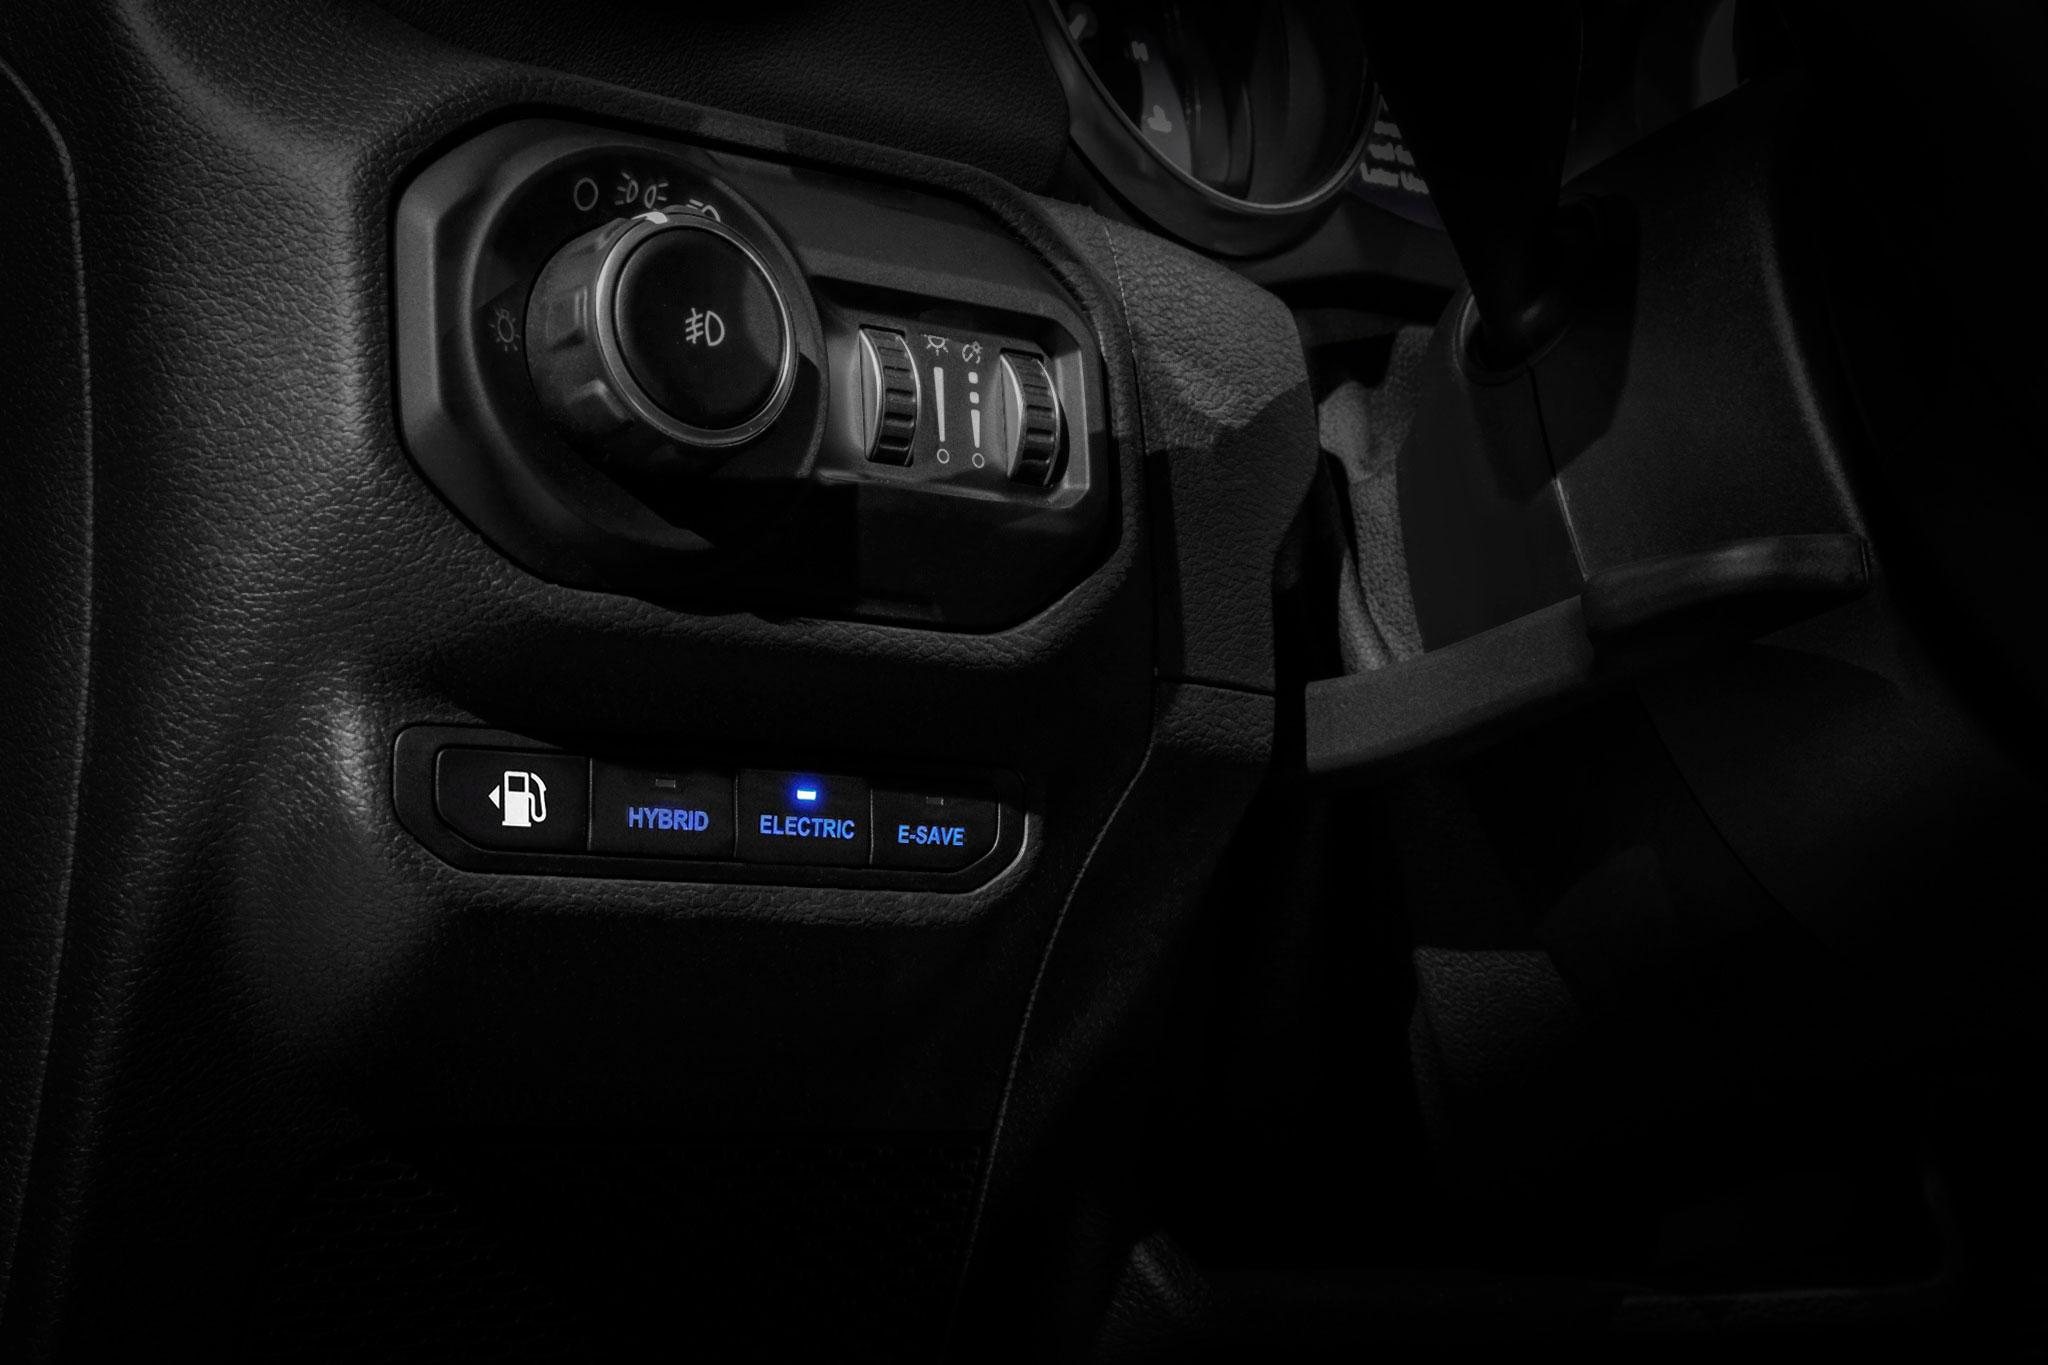 2021 Jeep Wrangler 4xe - l'avenir de la Jeep en ville ? - Jeep et Moab 2020.